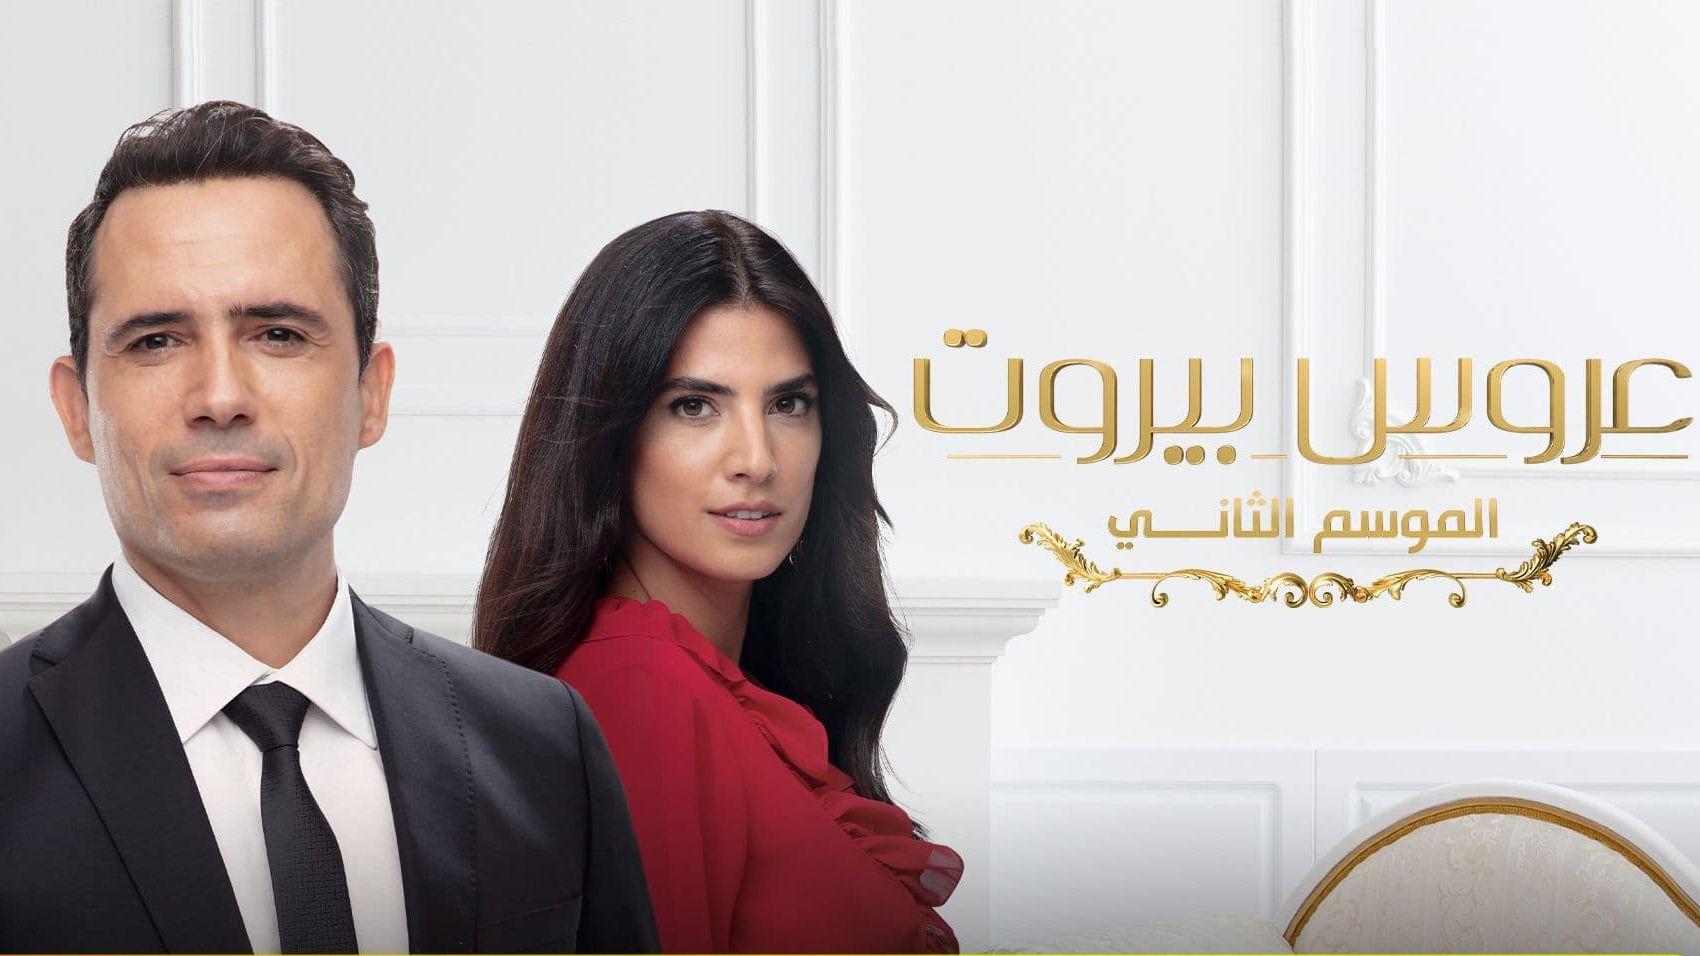 مسلسل عروس بيروت الموسم الثاني الحلقة 84 الرابعة والثمانون In 2021